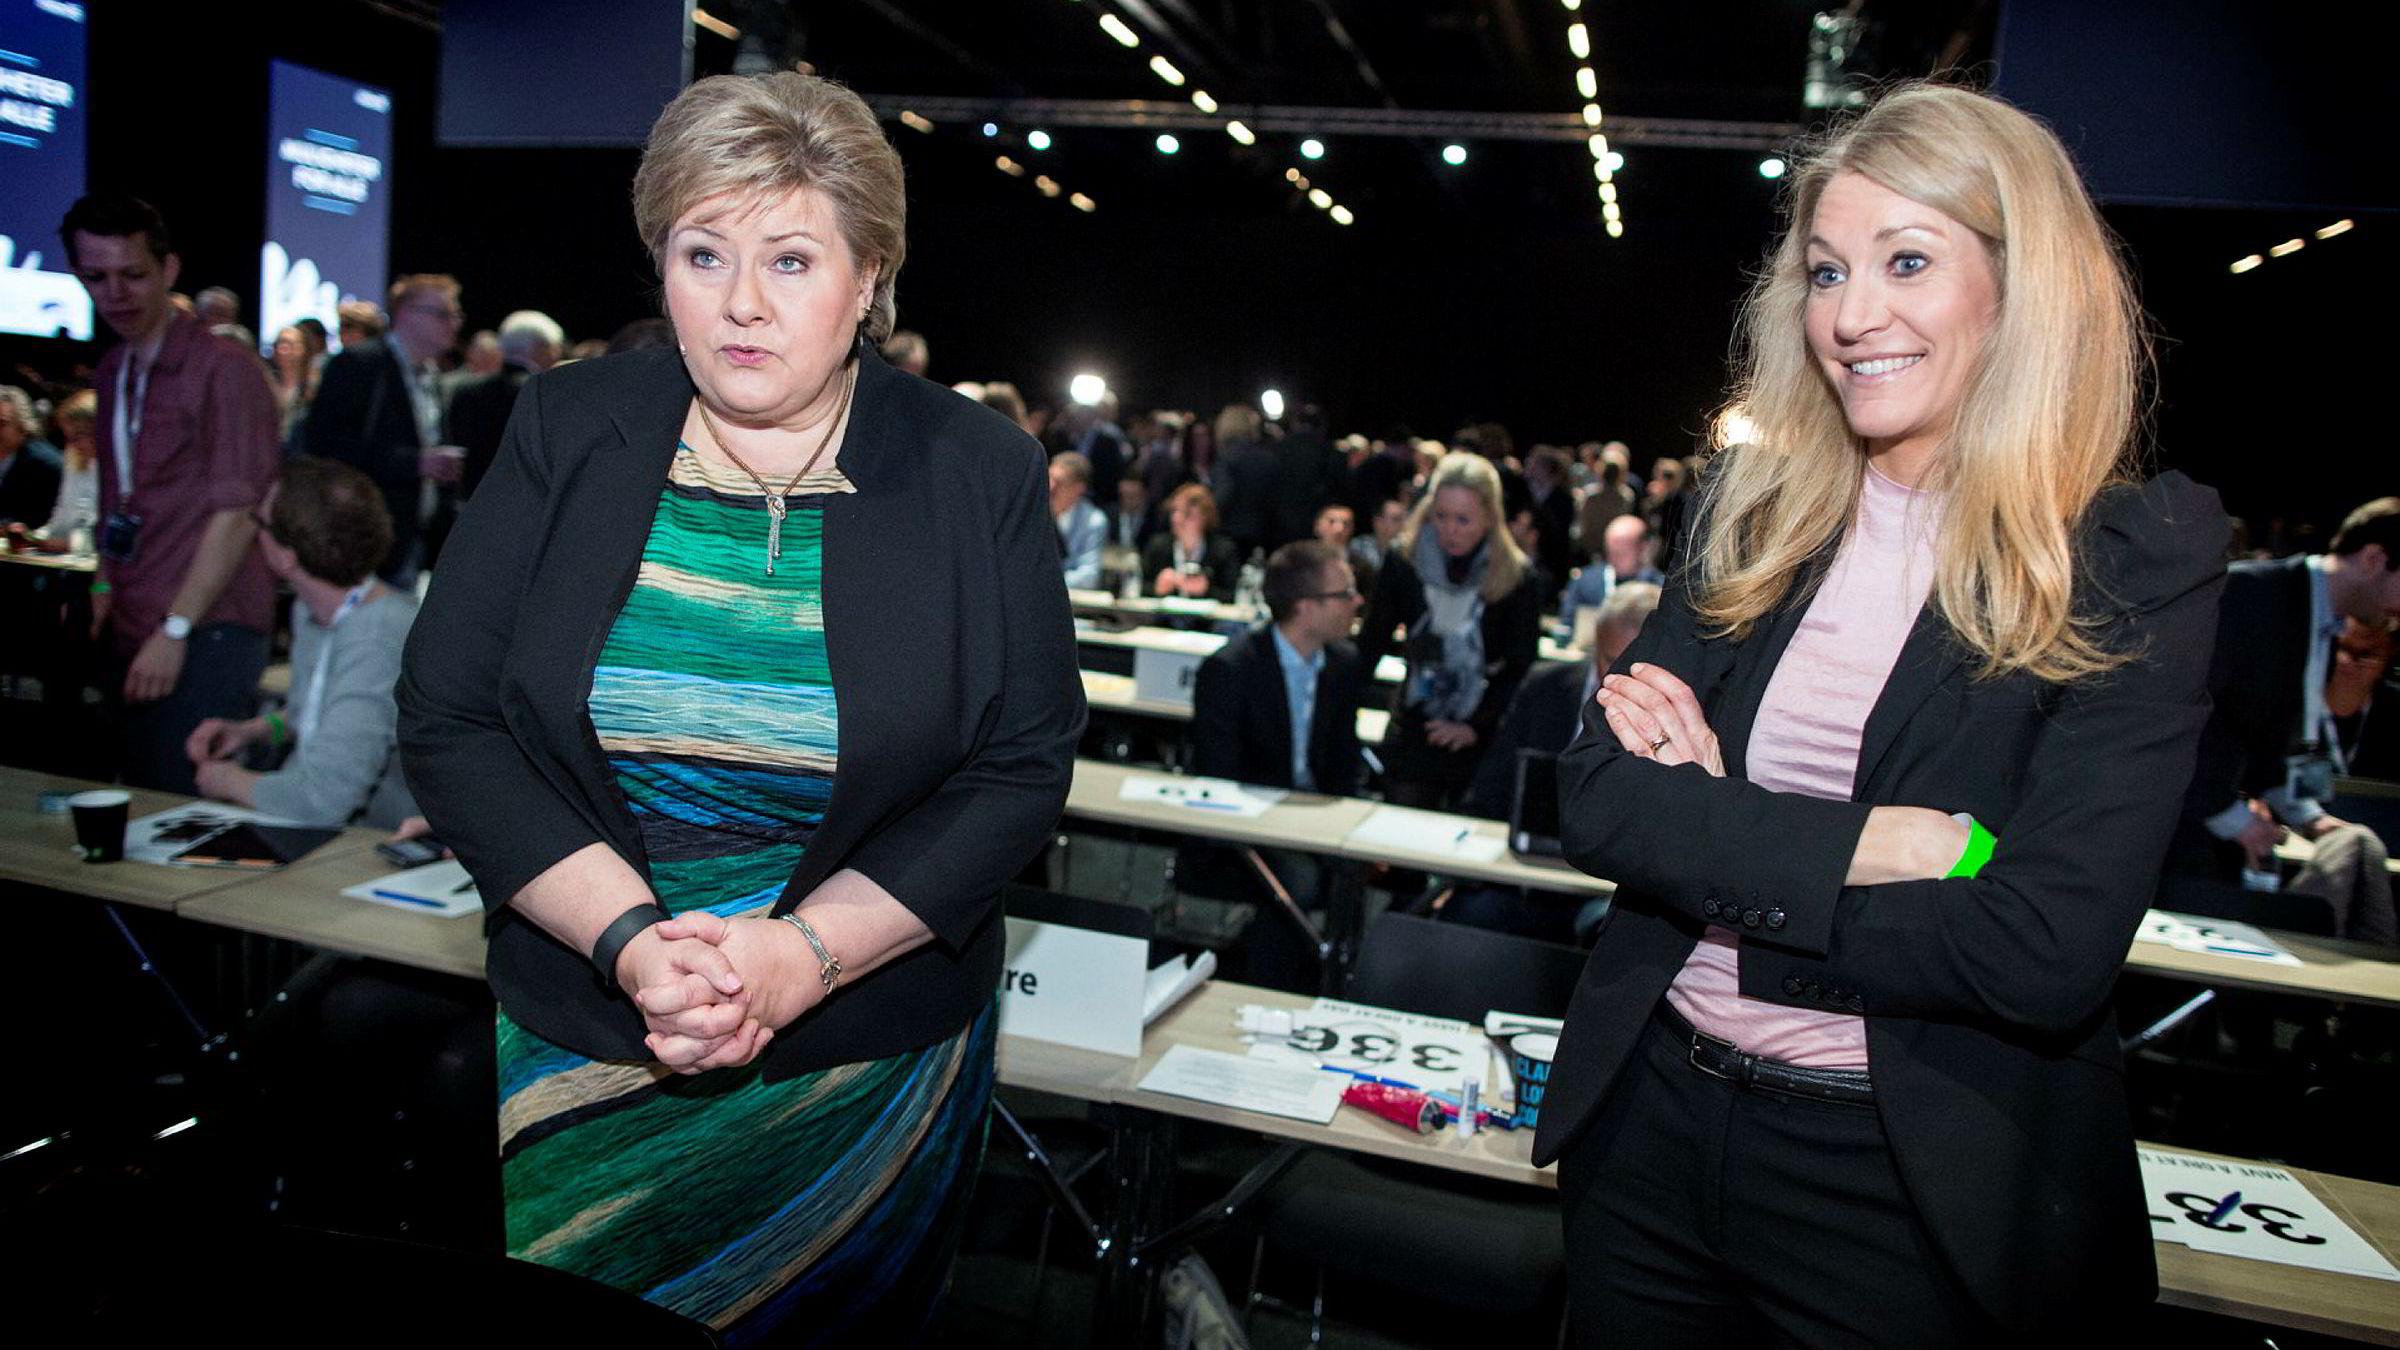 Erna Solbergs stabssjef, Julie Brodtkorb, spredte Listhaug-frykt i Venstre.